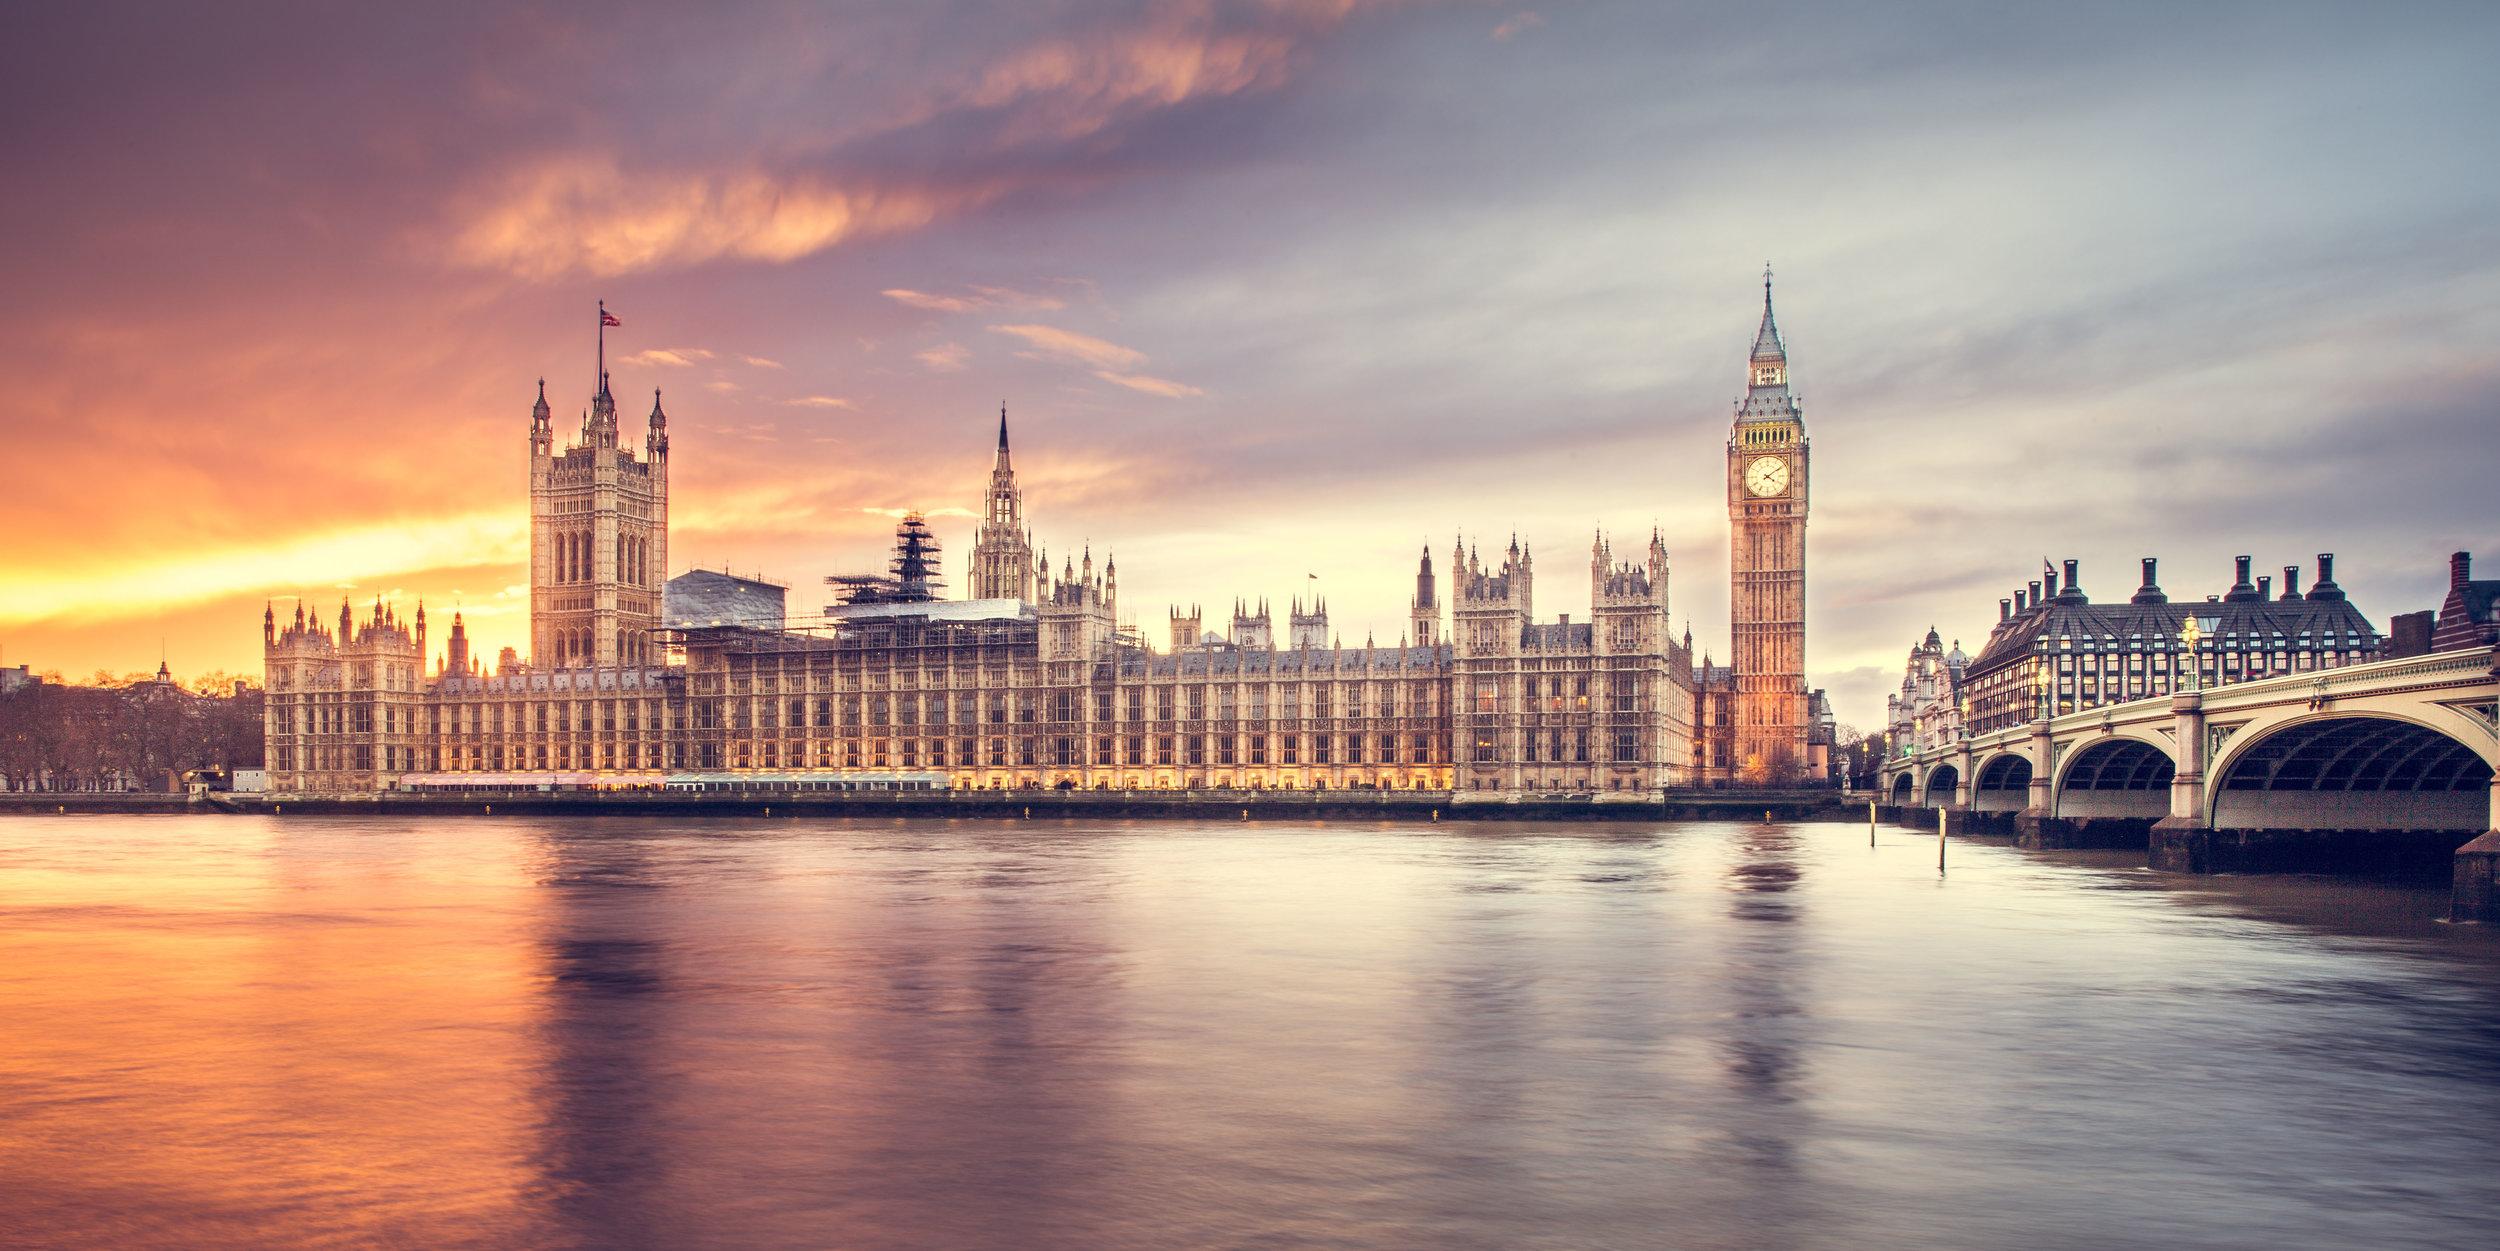 Raphinadas em Londres - Aqui você vai encontrar os meus achados organizados por categorias